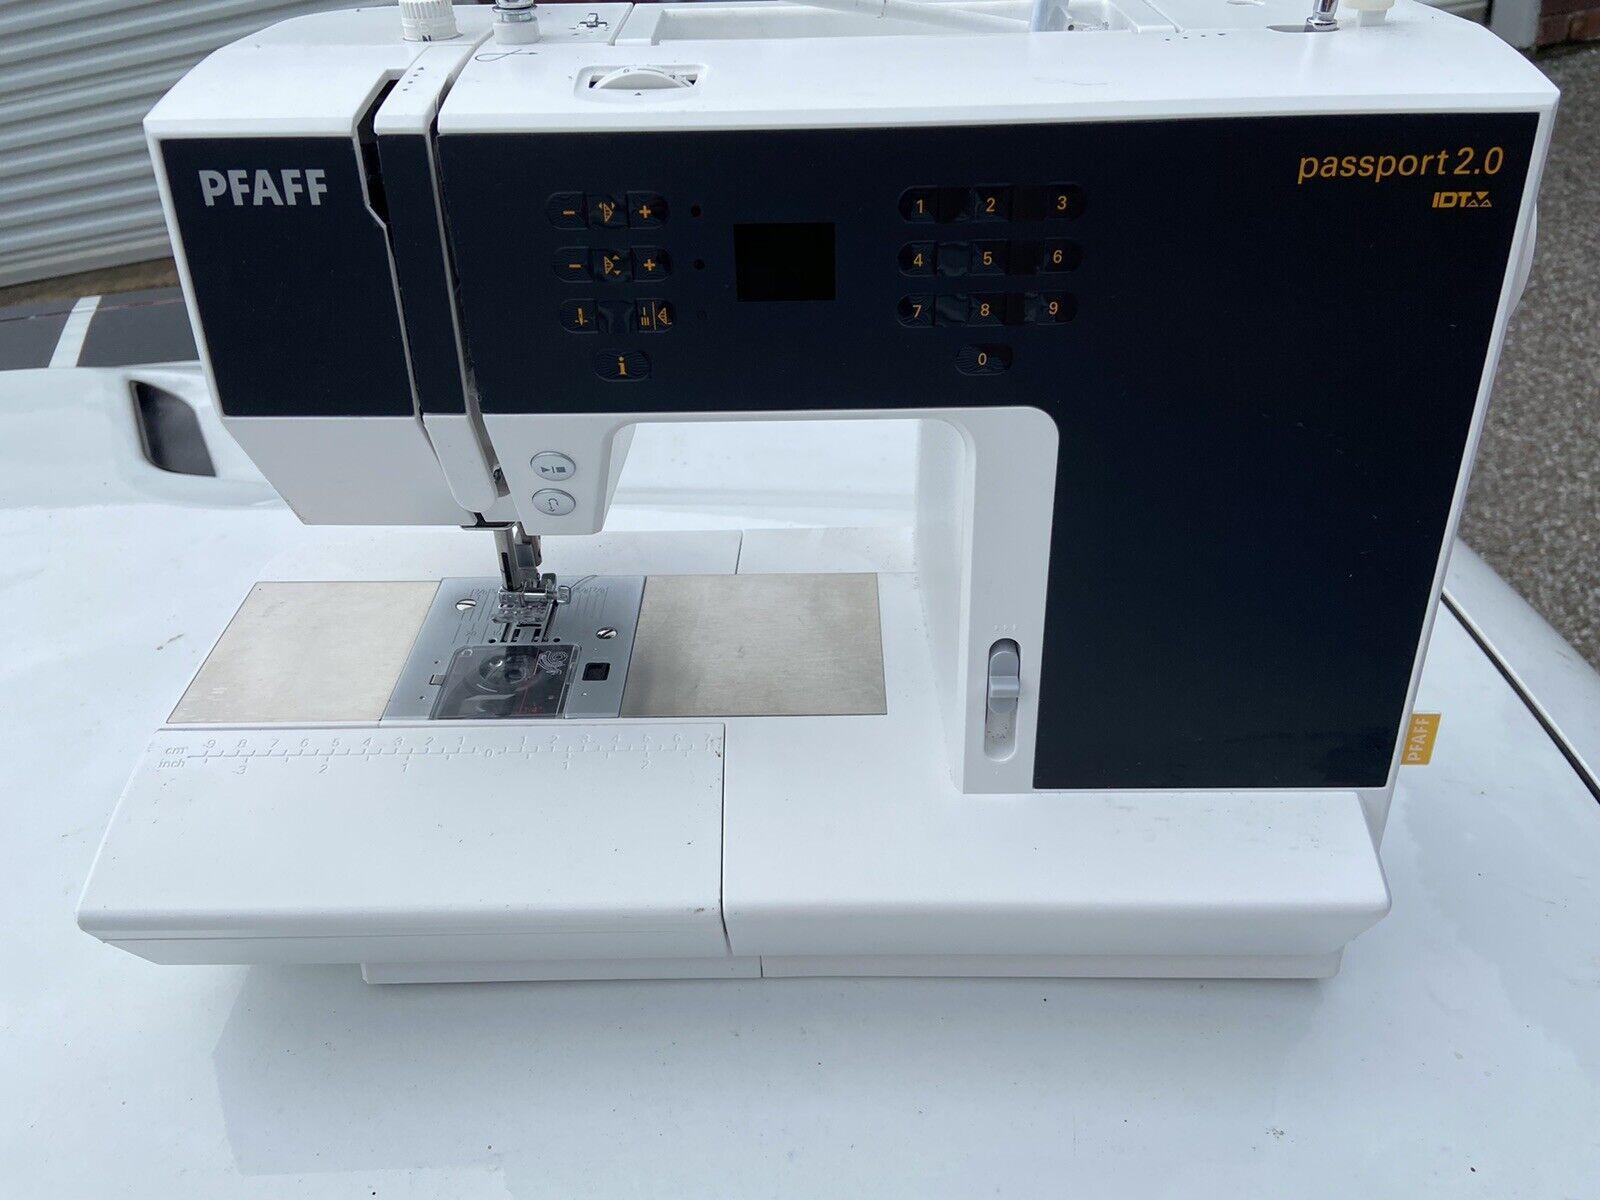 s l1600 - pfaff sewing machine